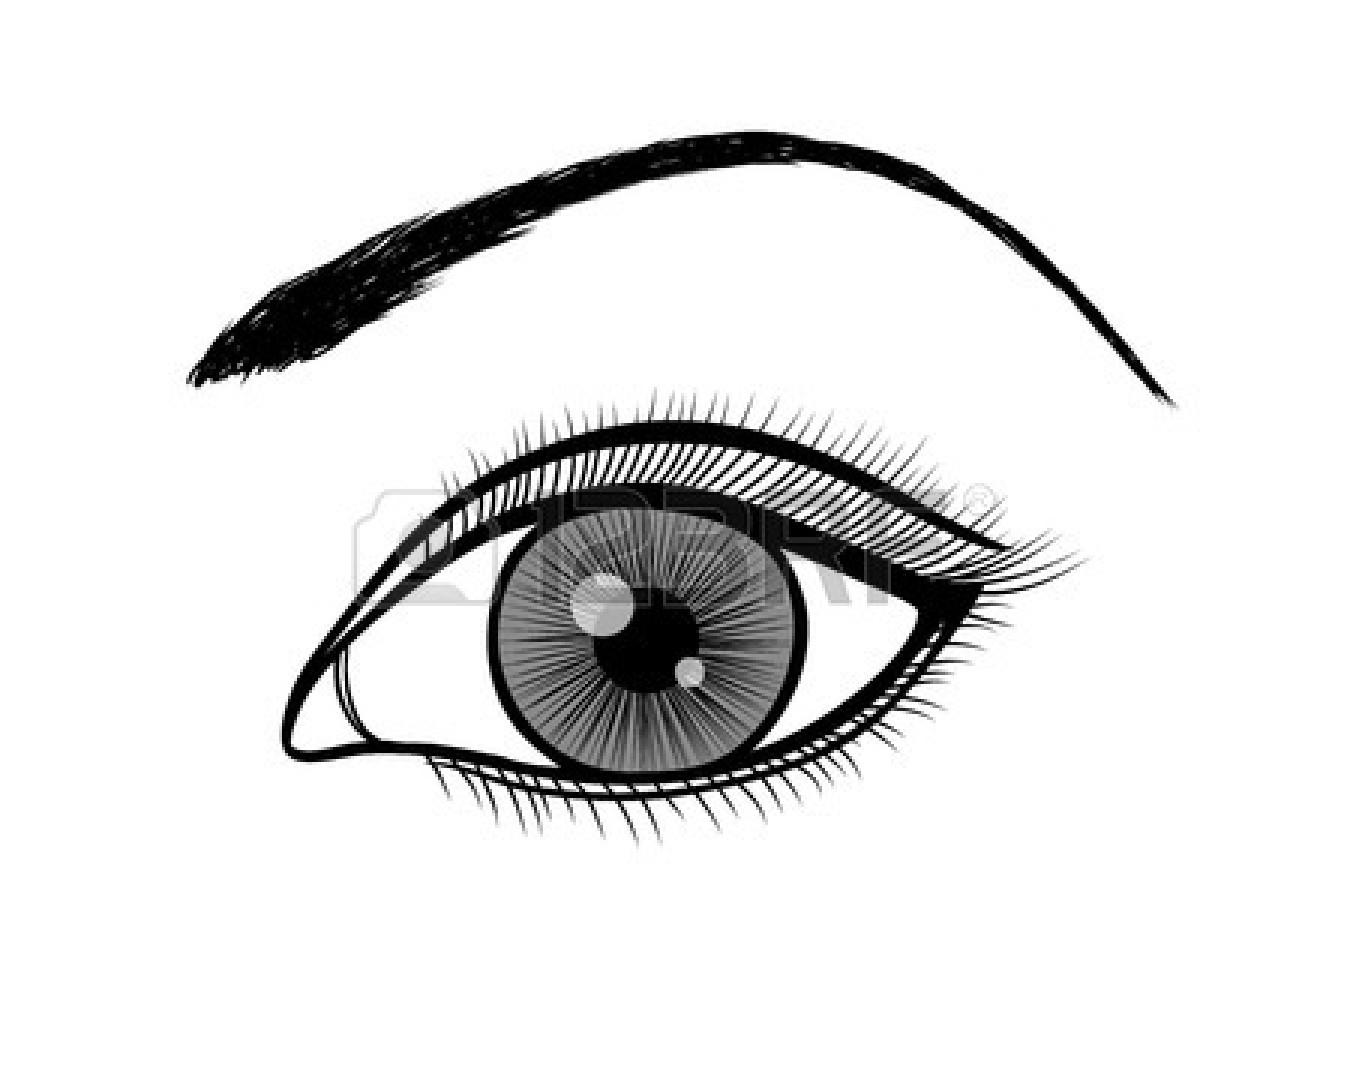 eye black and. Eyeballs clipart eyeball line